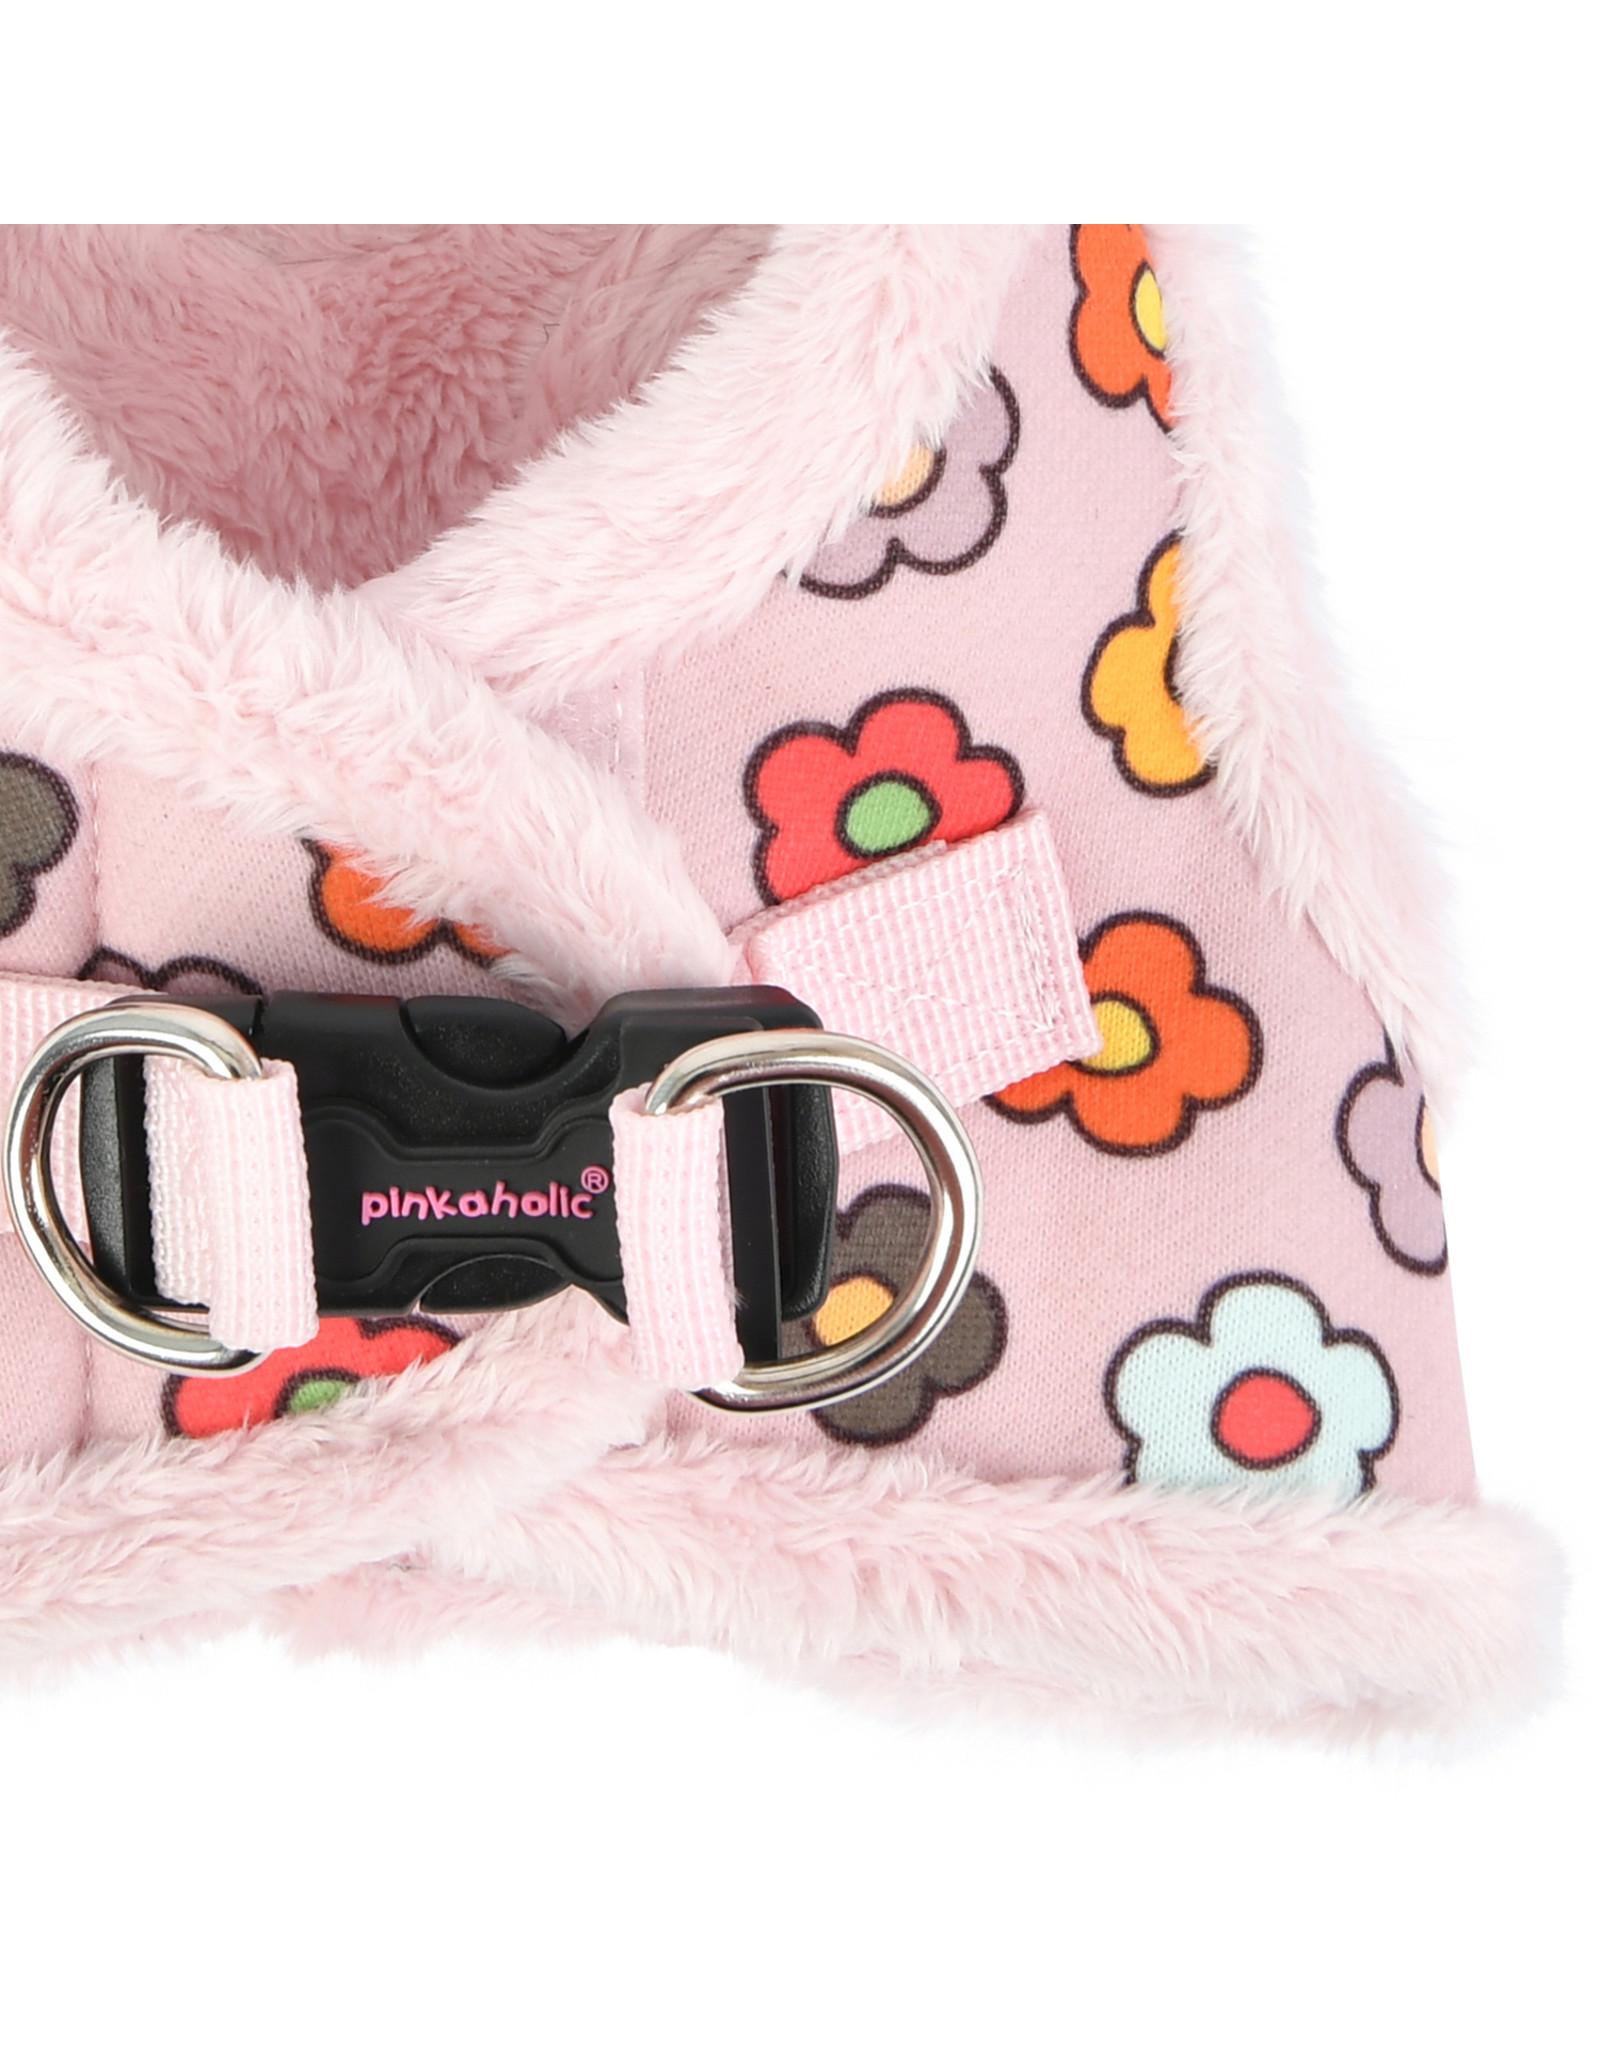 Pinkaholic Pinkaholic Aconite Pinka Harness Indian Pink